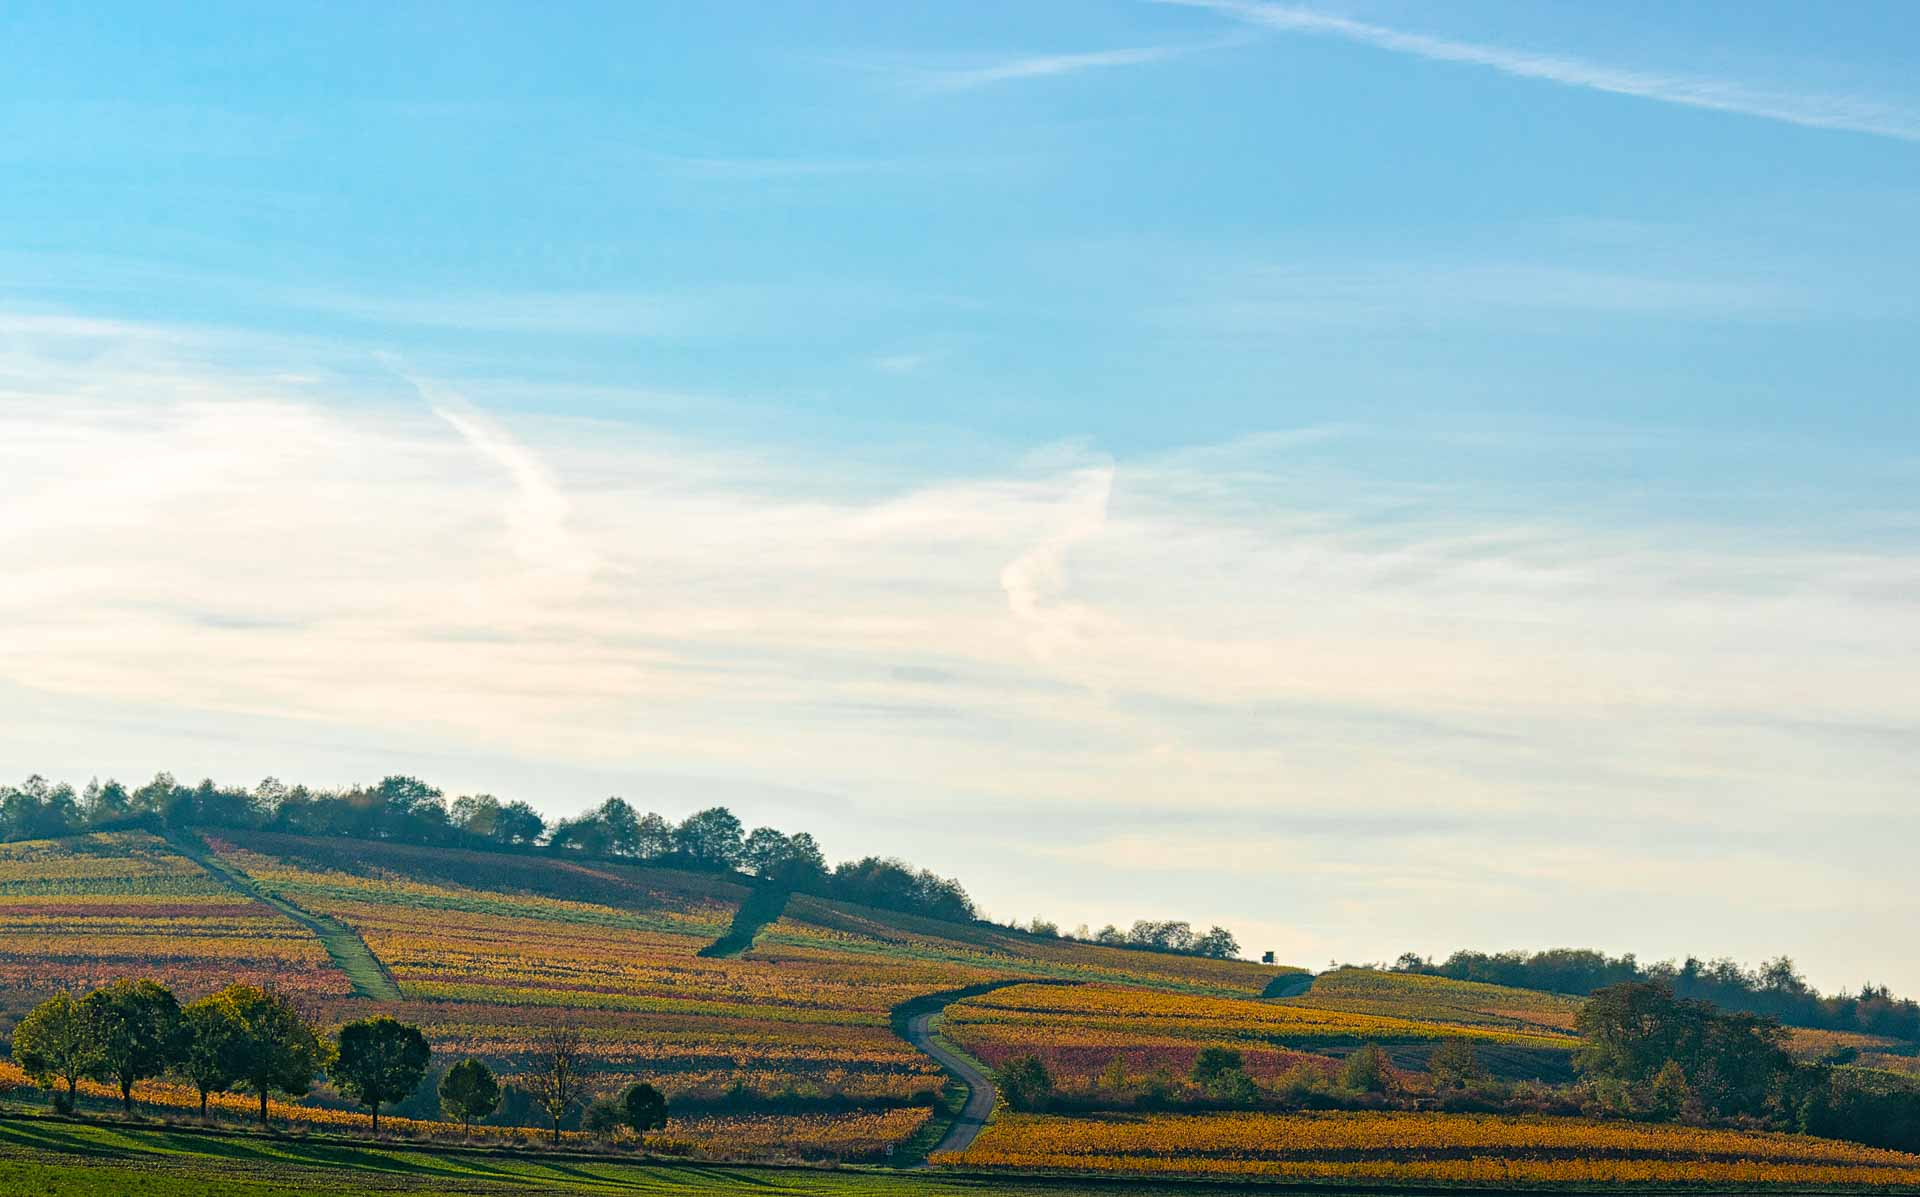 Weinbau Rheinhessen: Wege in gelben, orangenen und Roten Weinbergen; Wolken am Himmel